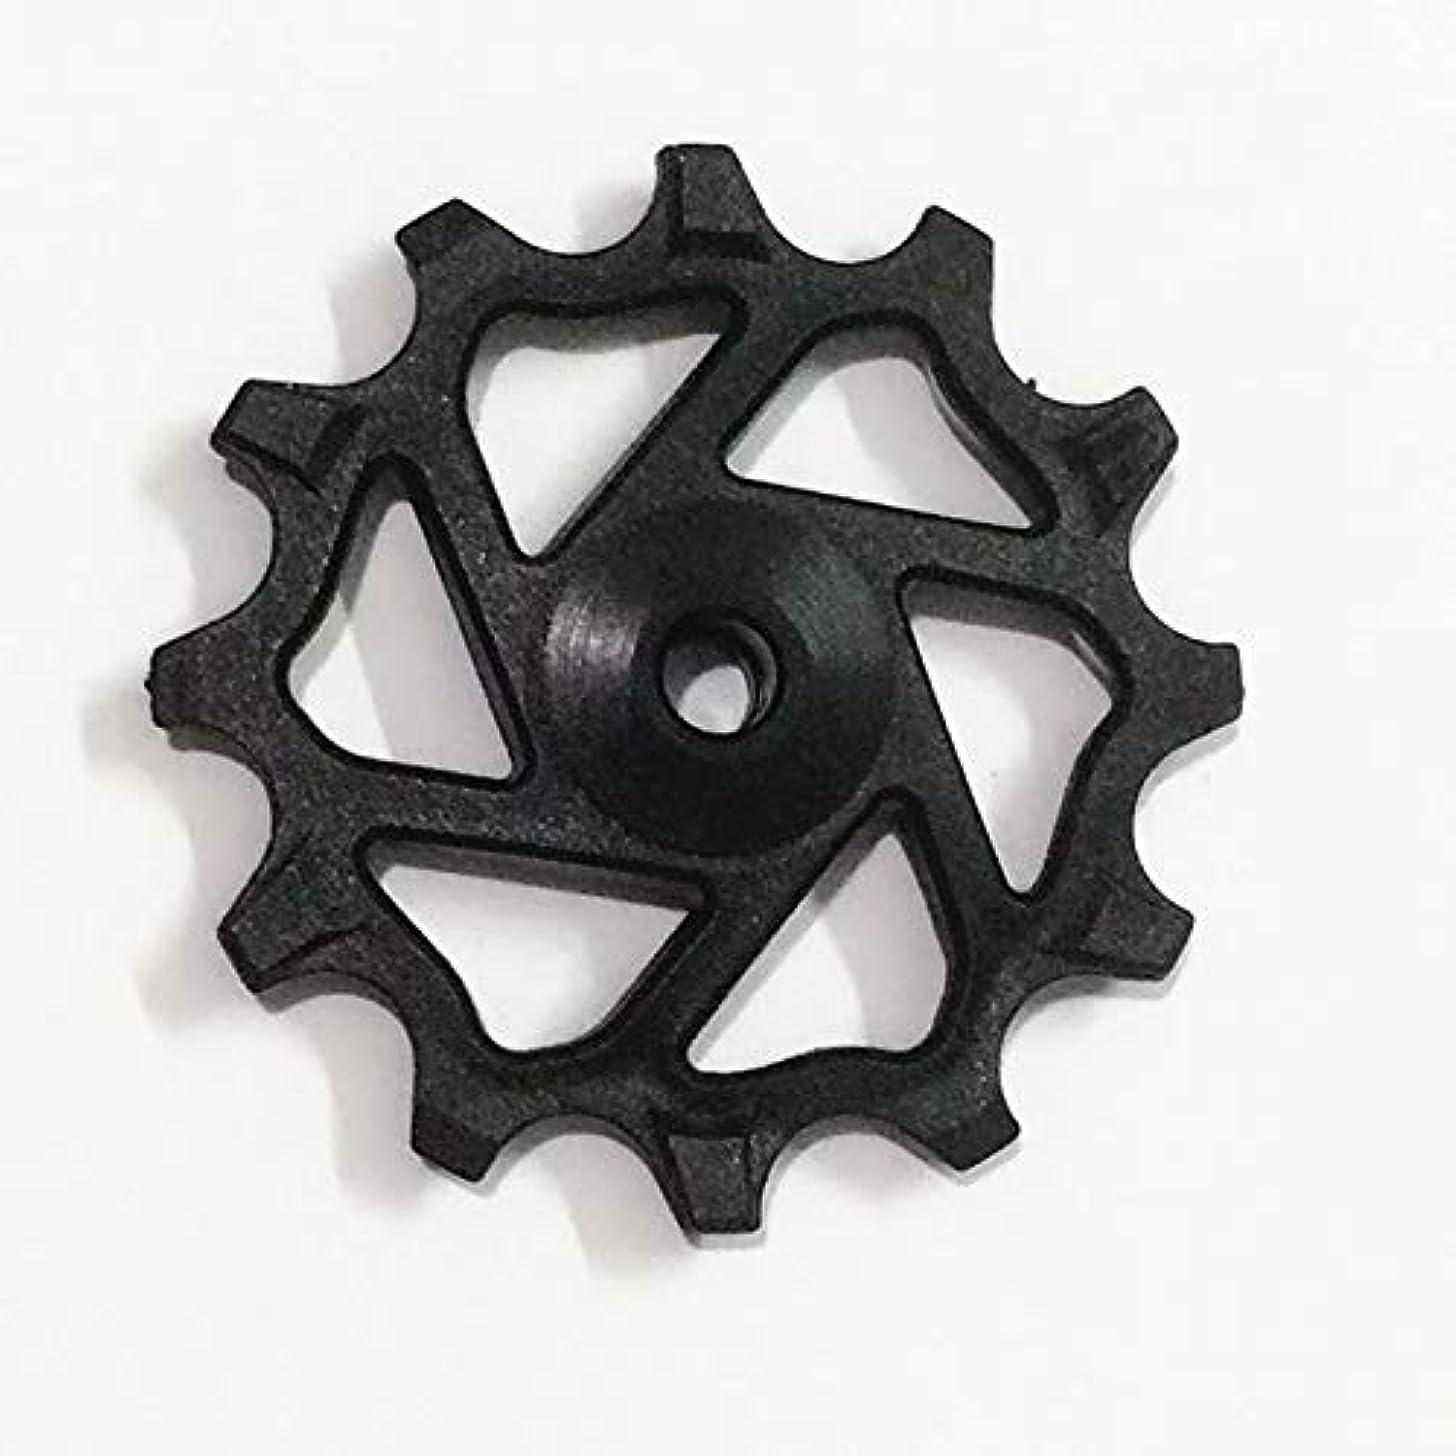 良心的変色する投資するPropenary - 自転車レジン12T狭い広い静かなリアディレイラージョッキーホイールロードマウンテンバイクガイドローラーアイドラープーリー自転車パーツ